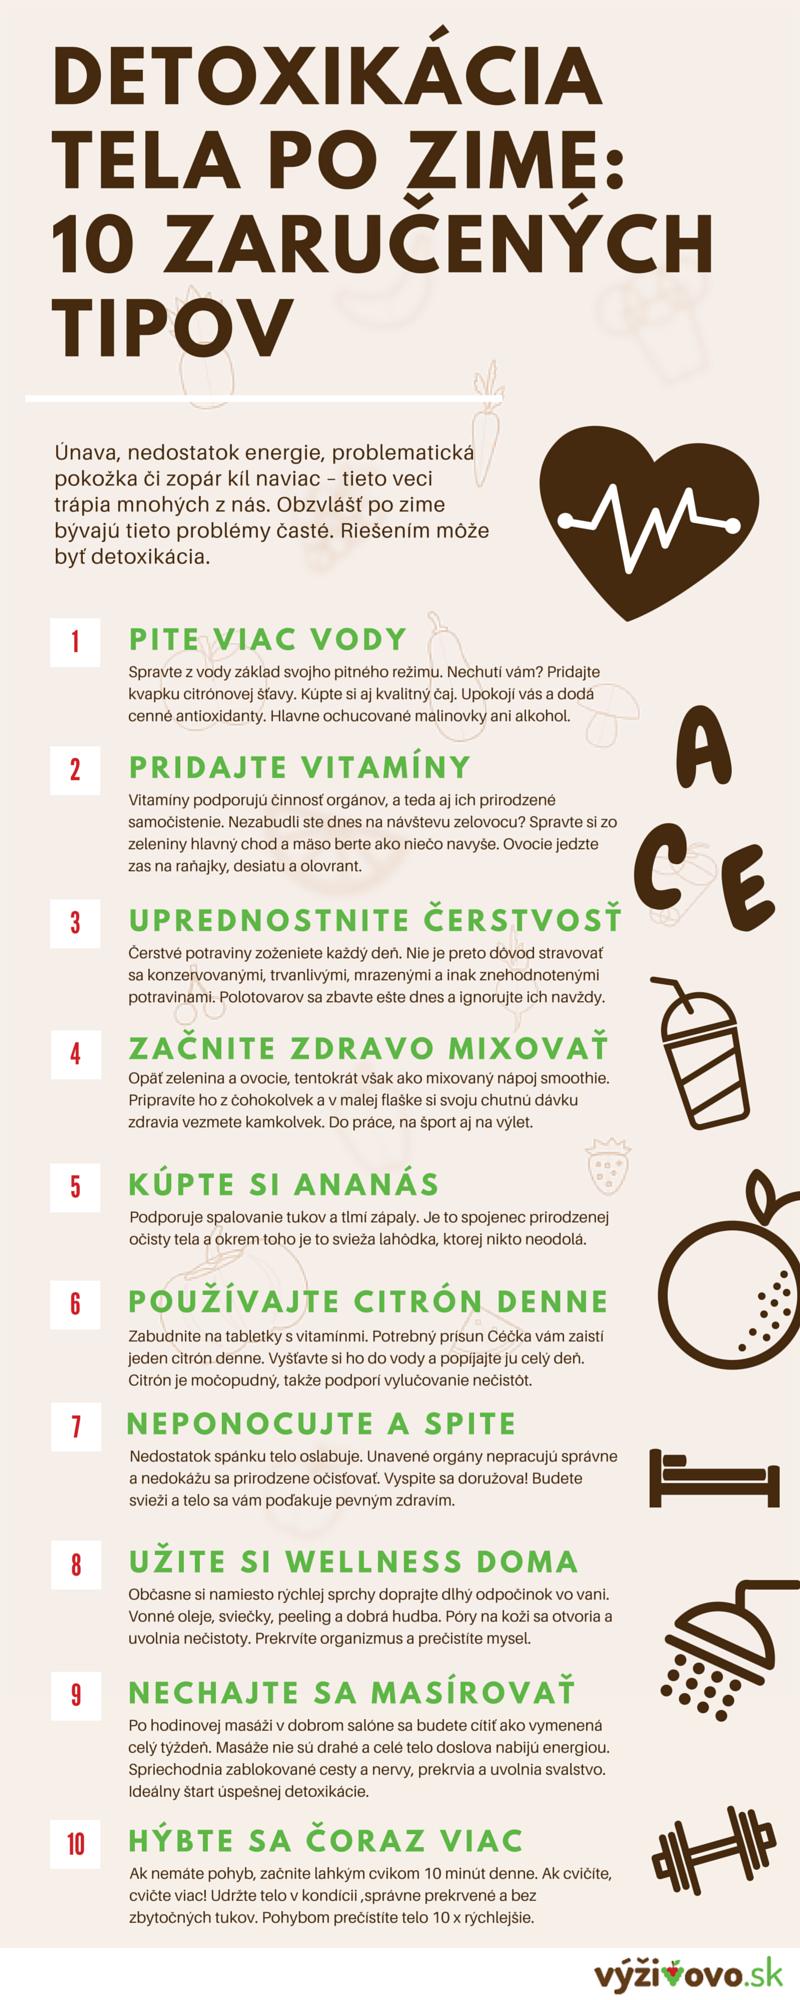 Infografika 10 zaručených tipov na detoxikáciu tela po zime